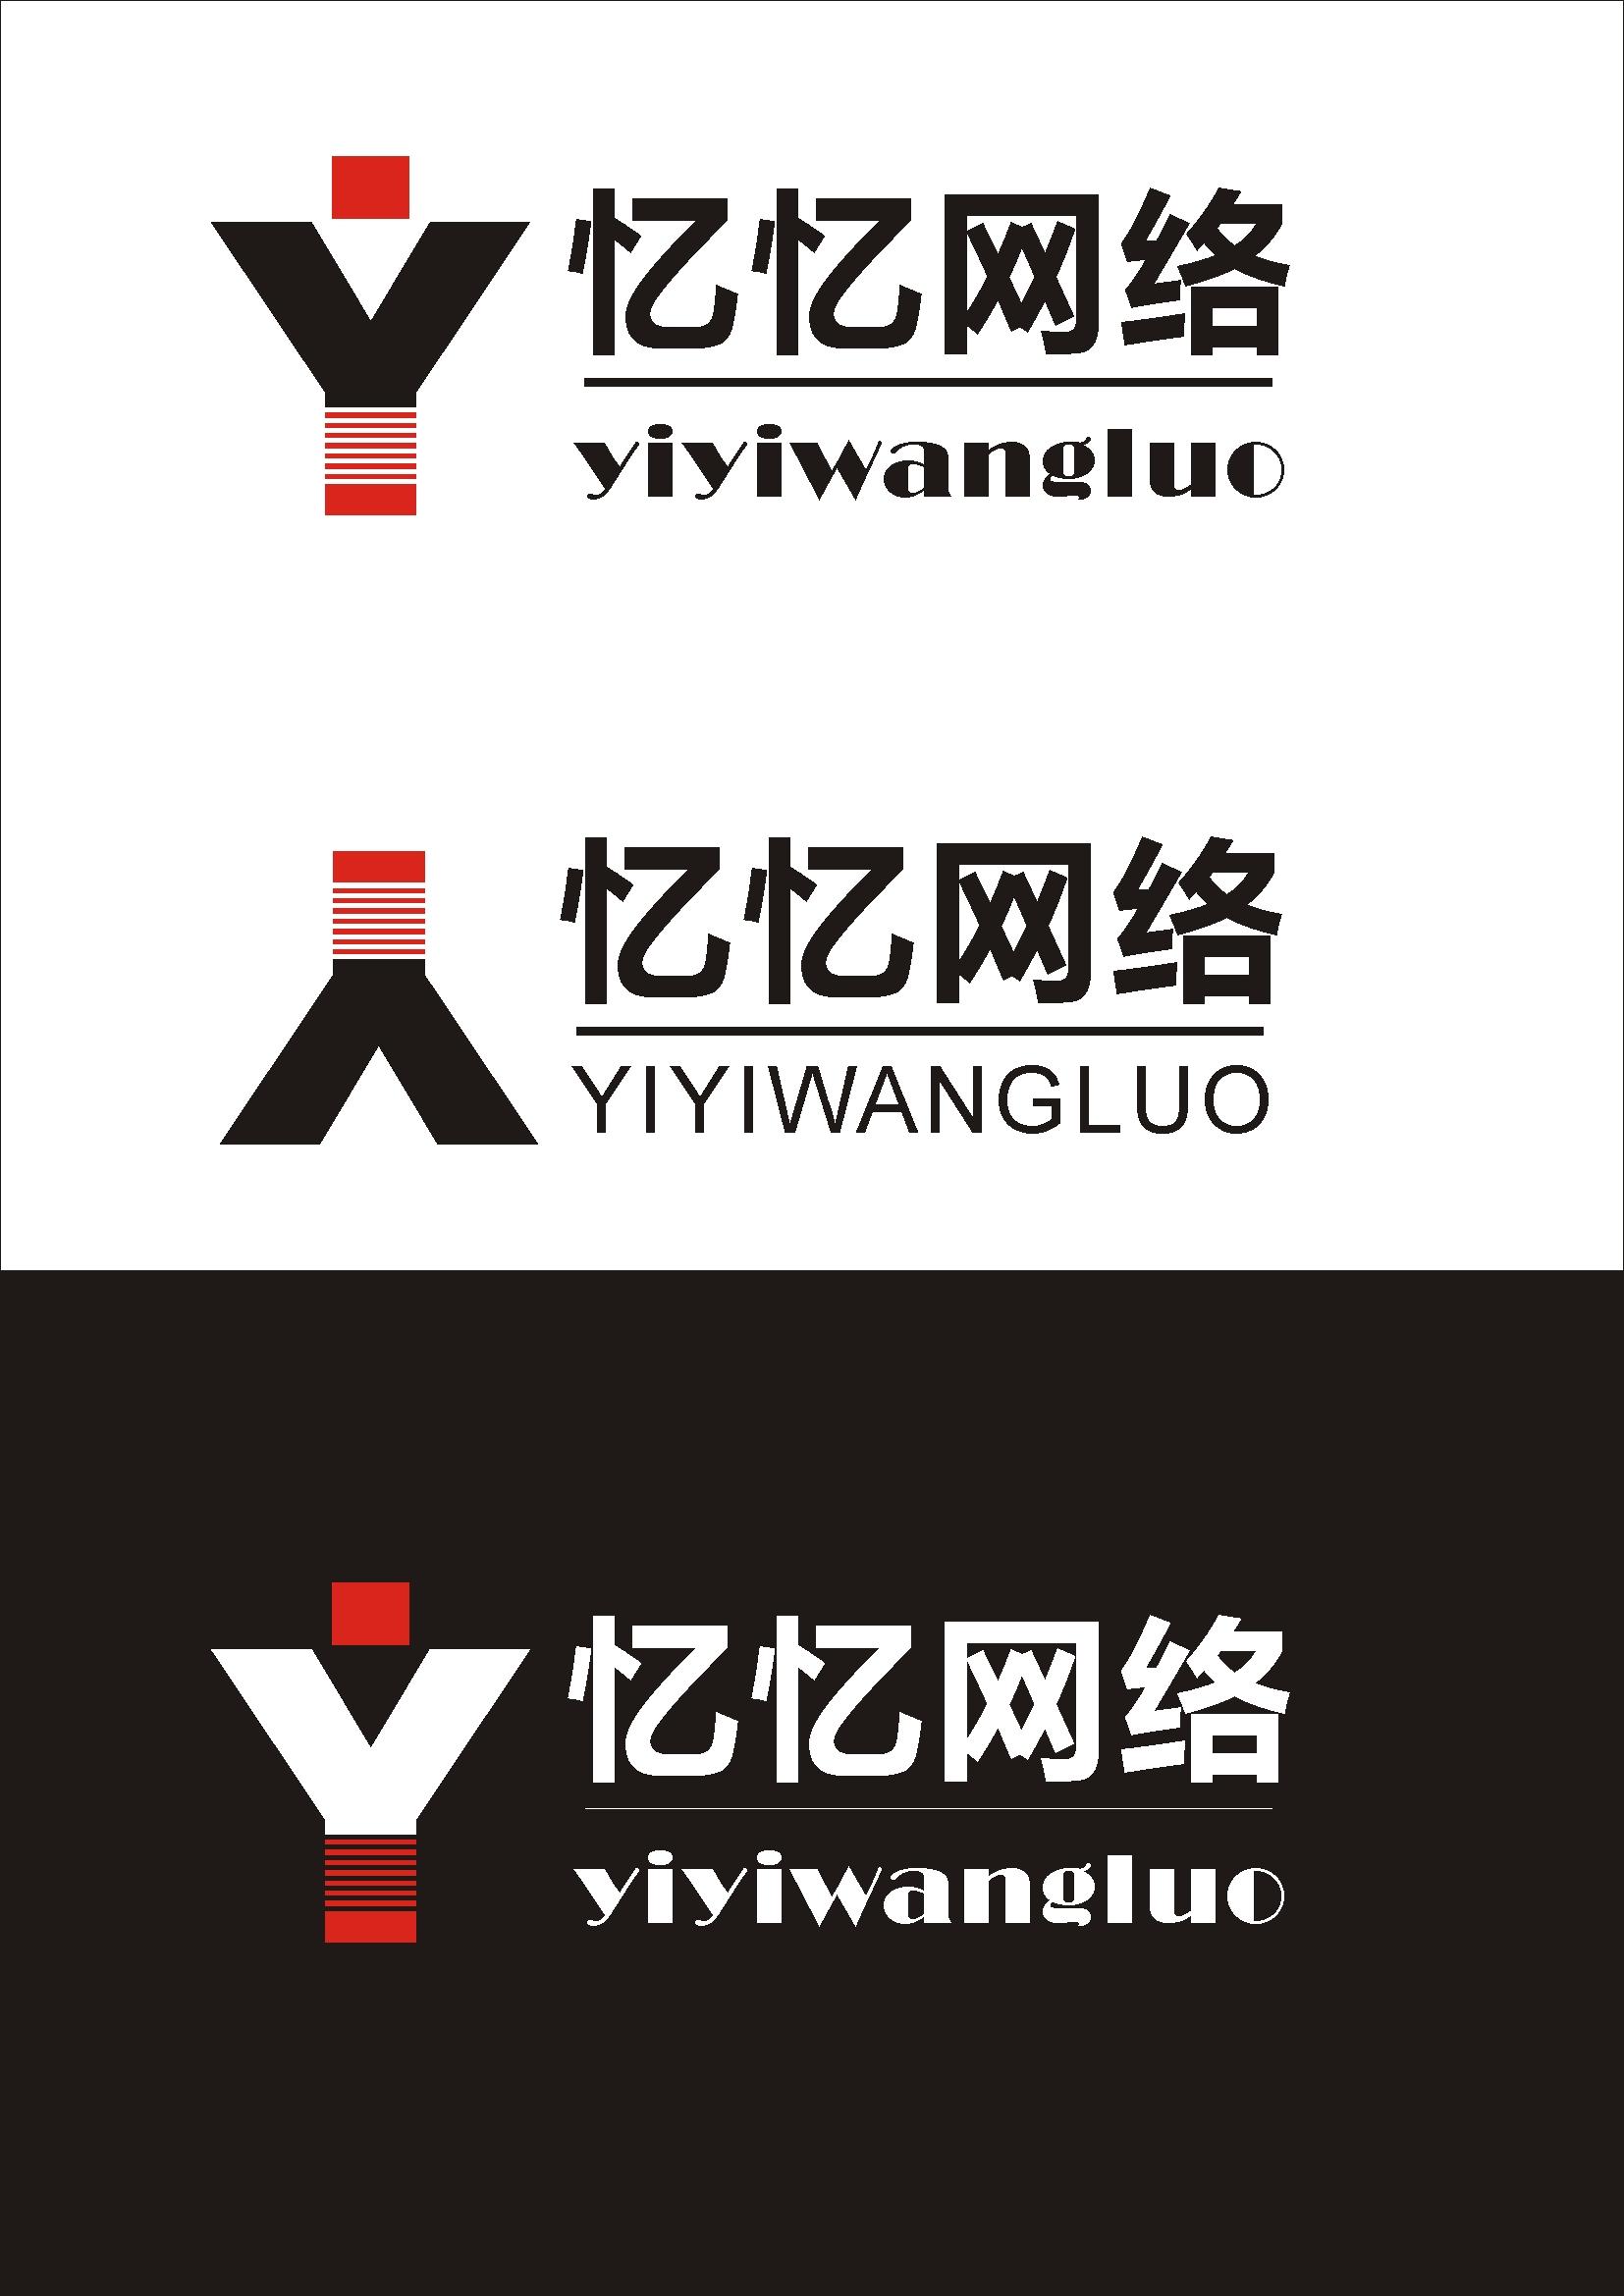 平面设计,广告设计/制作,logo/vi设计,企业形象设计,宣传册页,海报